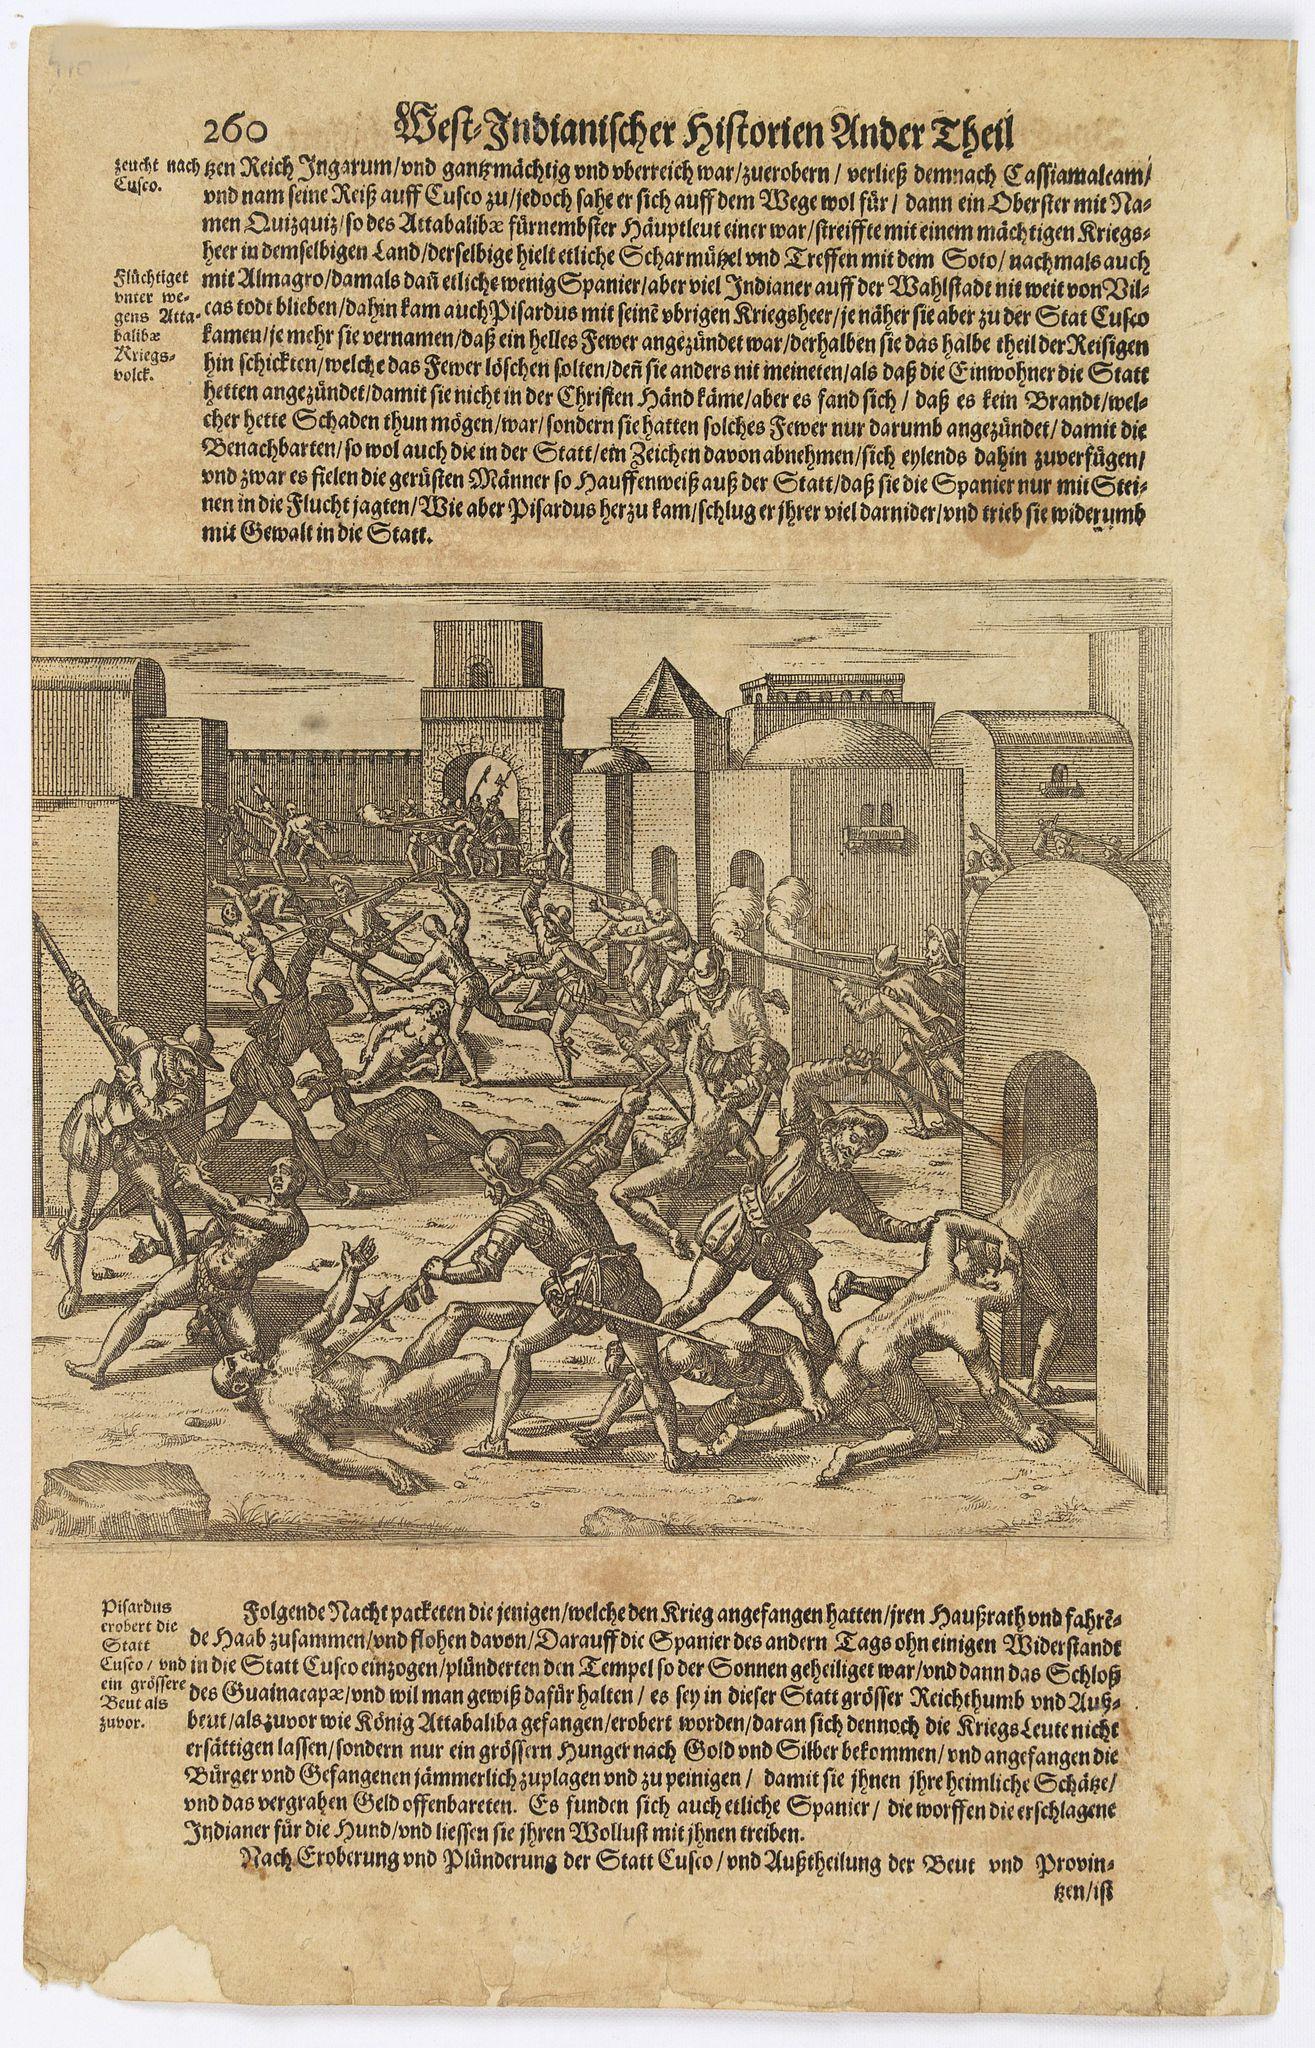 GOTTFRIED, J.L. / DE BRY. -  [Spanish take over Cusco] / [Atahualpa is garrotted].